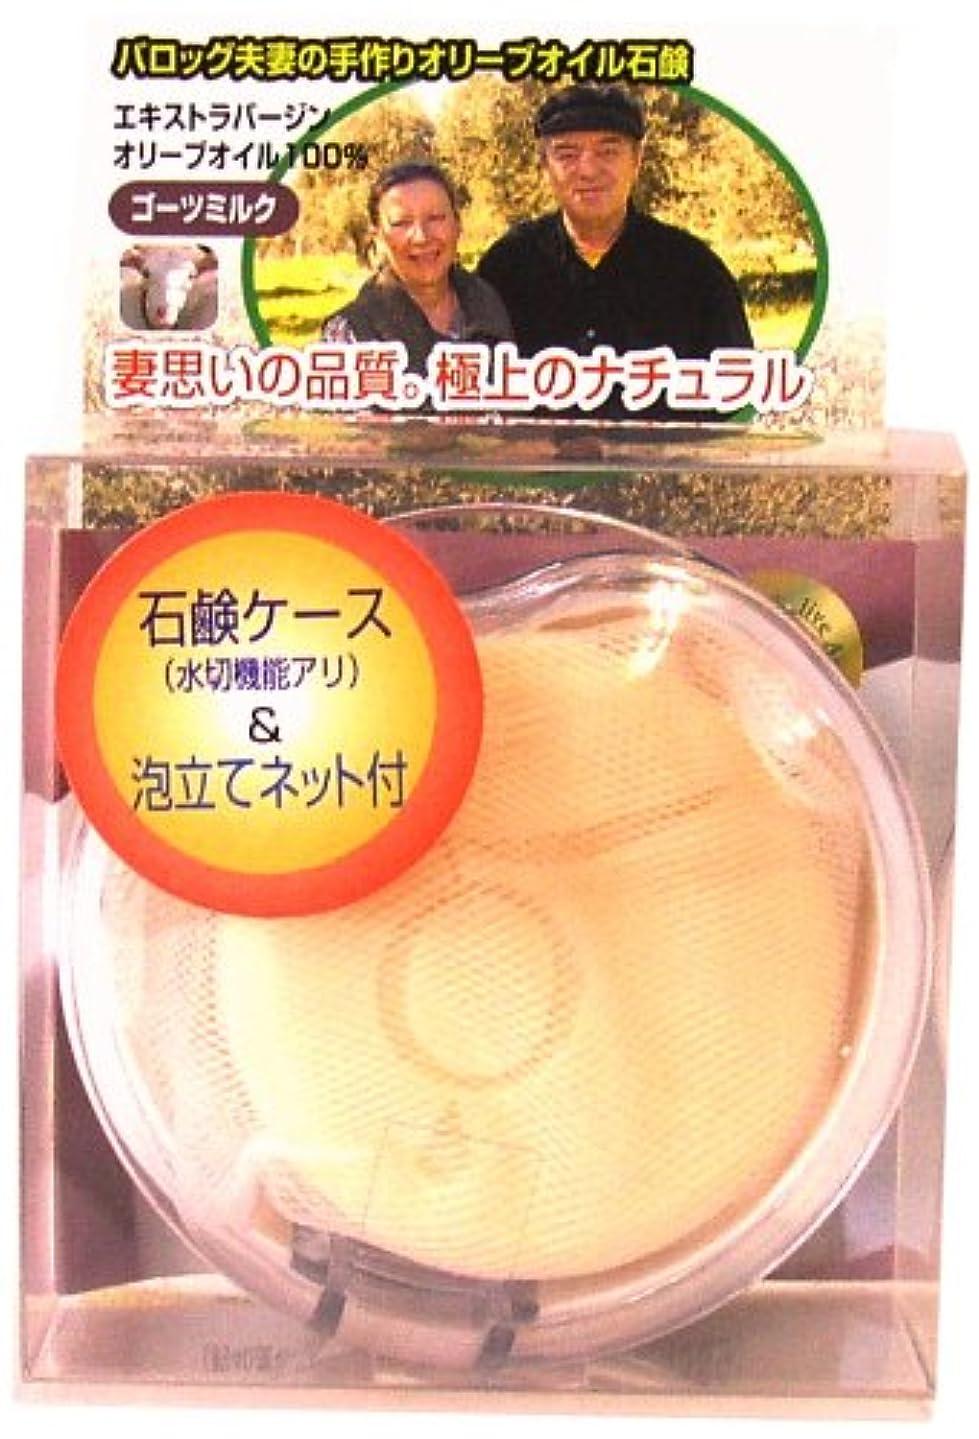 寄託スライム富バロッグ夫婦の手作りオリーブオイル石鹸 ミニ石鹸ケース付(ゴーツミルク) 20g